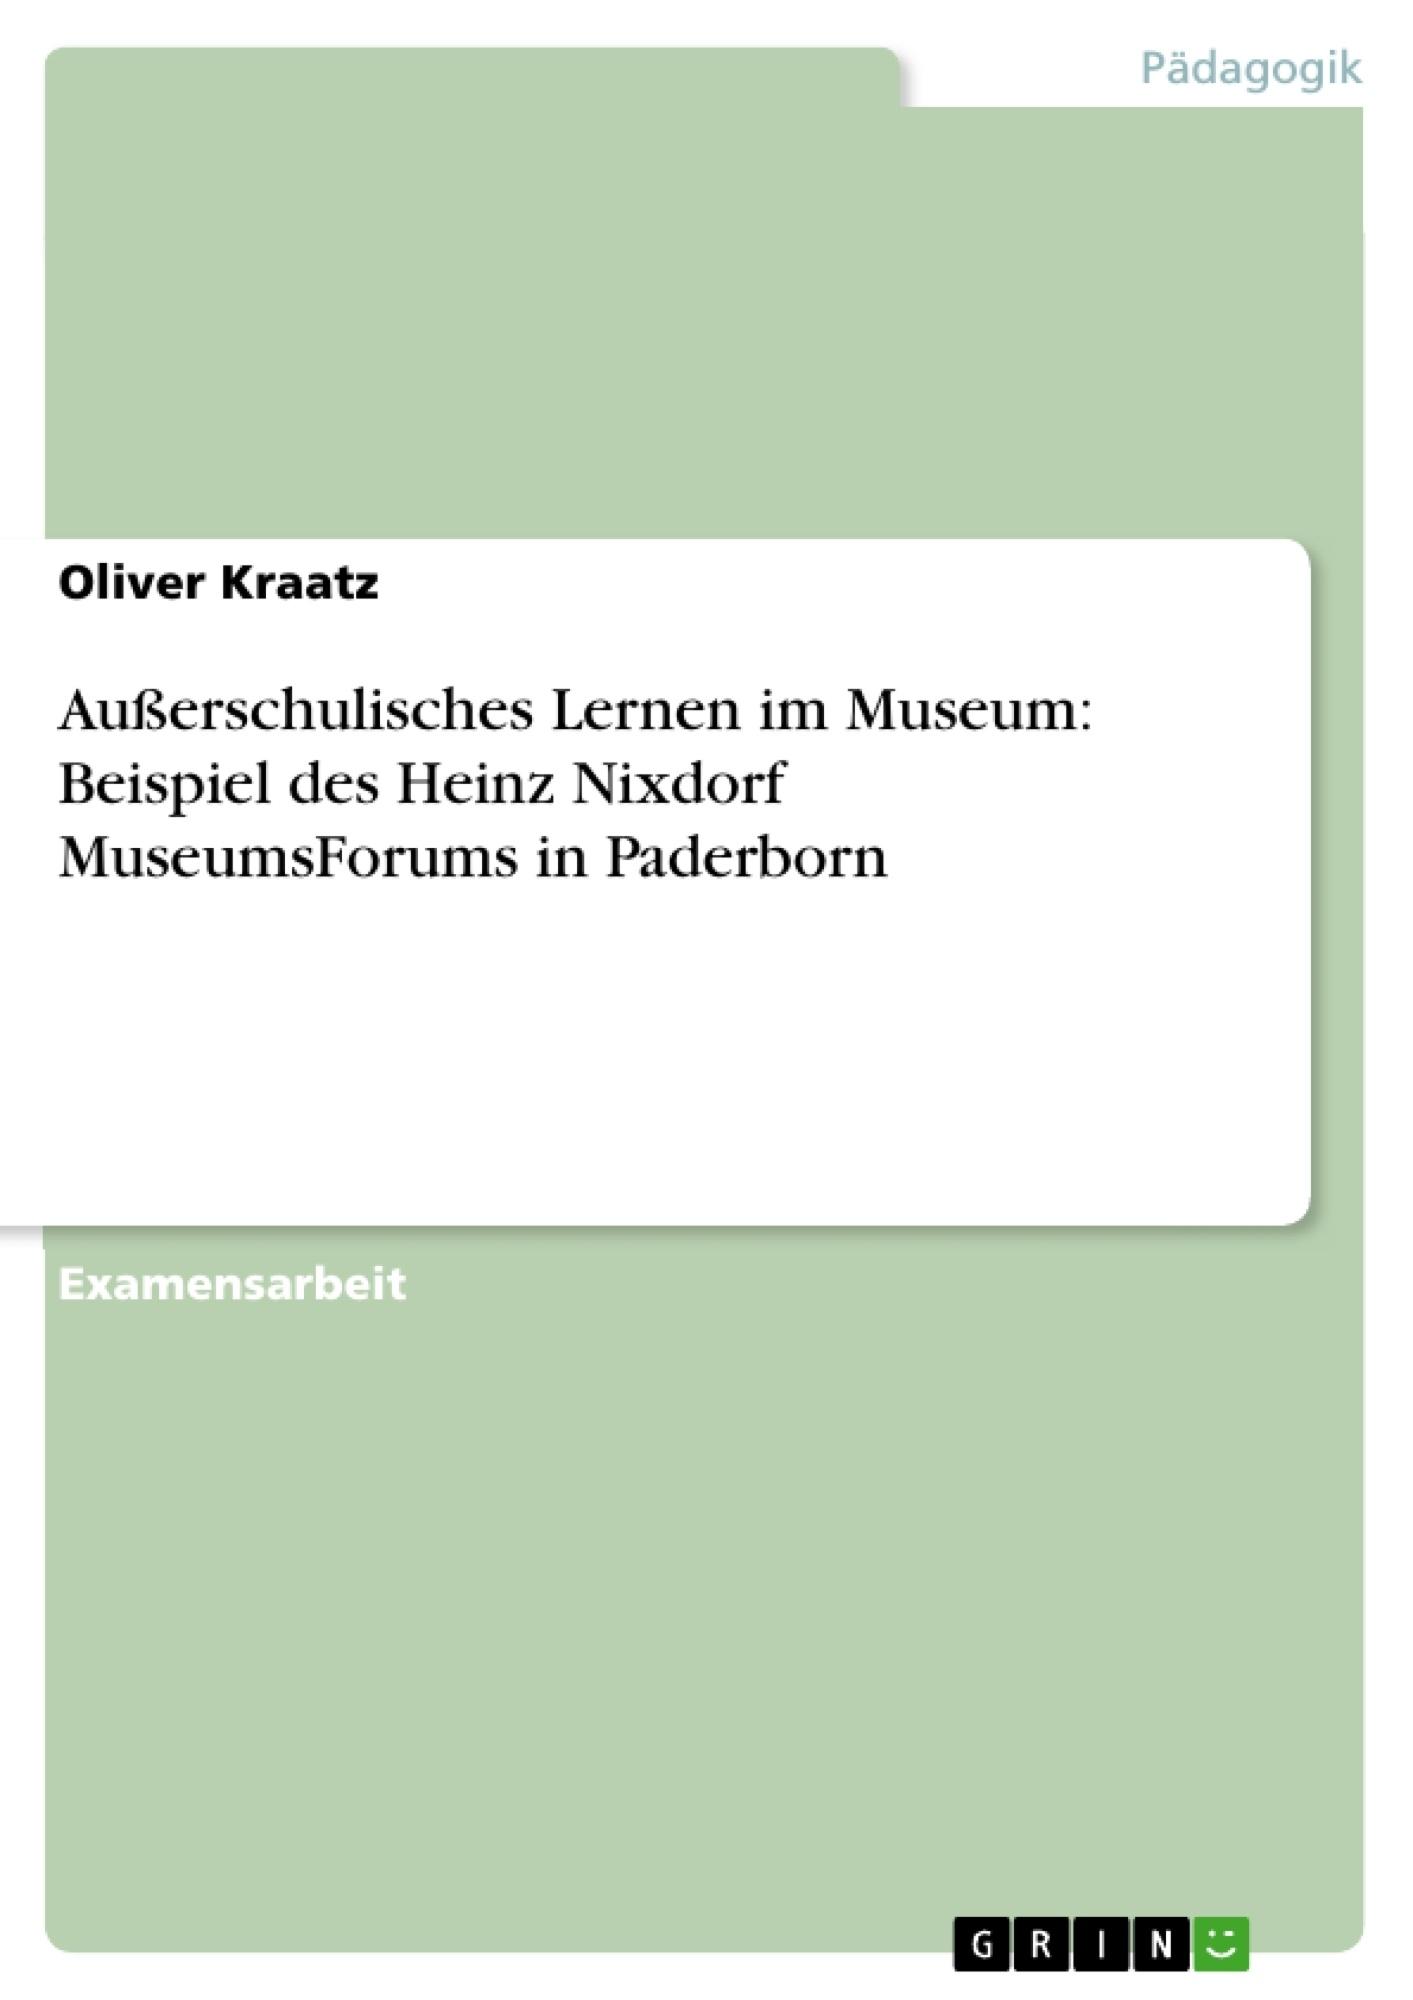 Titel: Außerschulisches Lernen im Museum: Beispiel des Heinz Nixdorf MuseumsForums in Paderborn